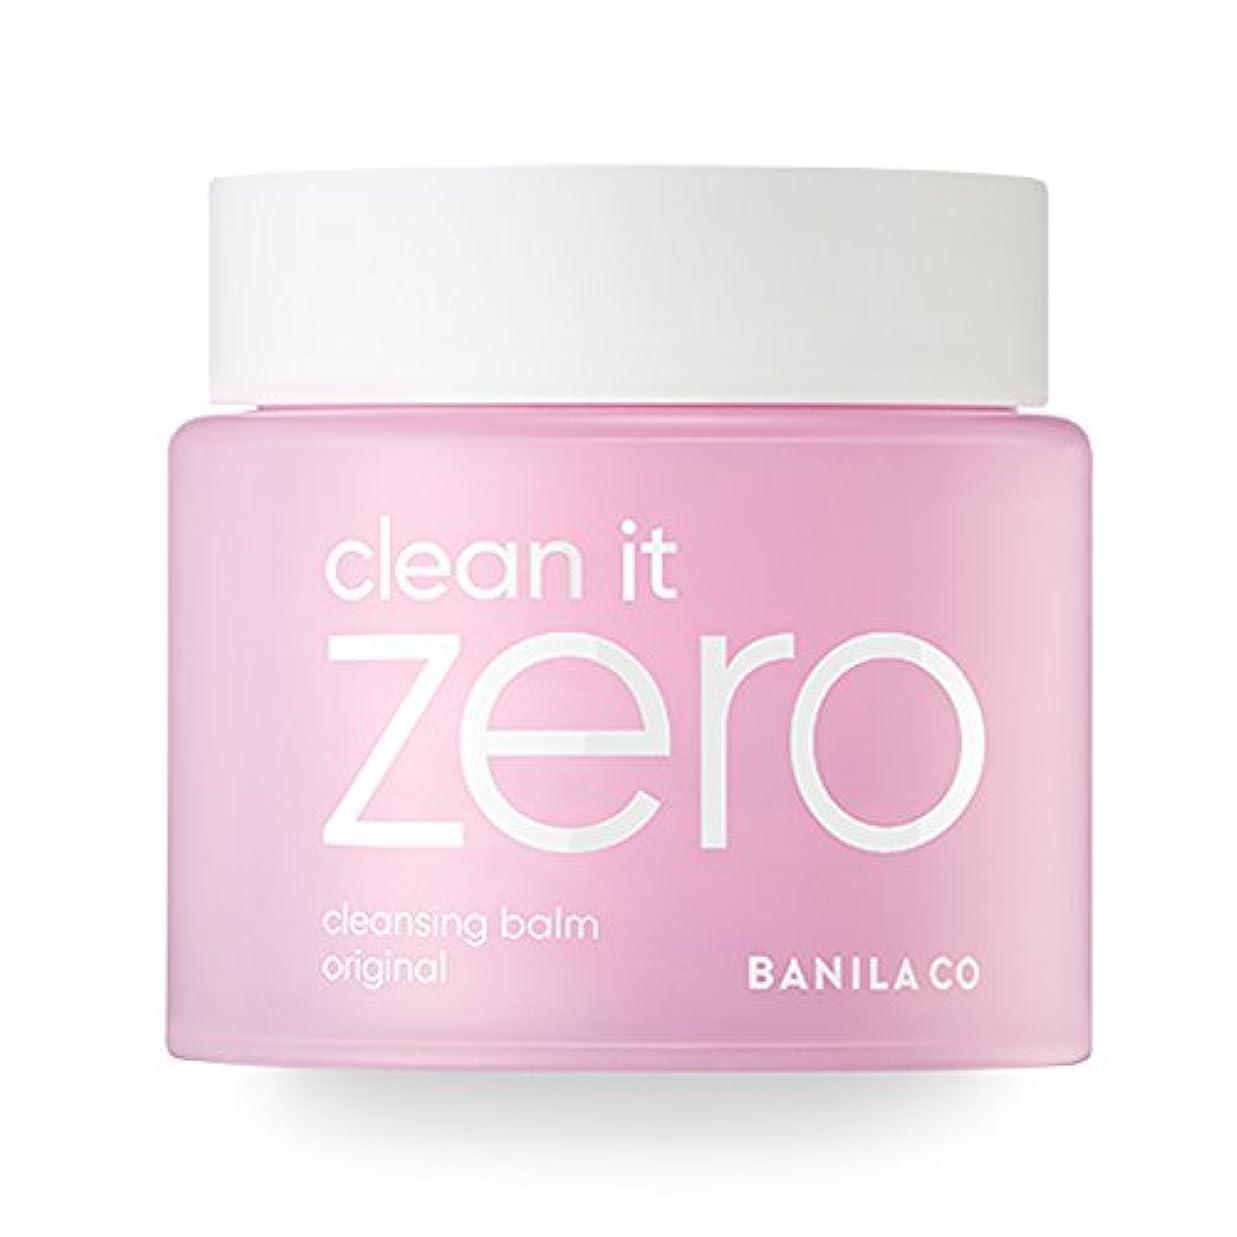 来てパース悩みBANILA CO(バニラコ)公式ストア  バニラコ クリーン イット ゼロ クレンジング バーム オリジナル / Clean It Zero Cleansing Balm Original 180ml